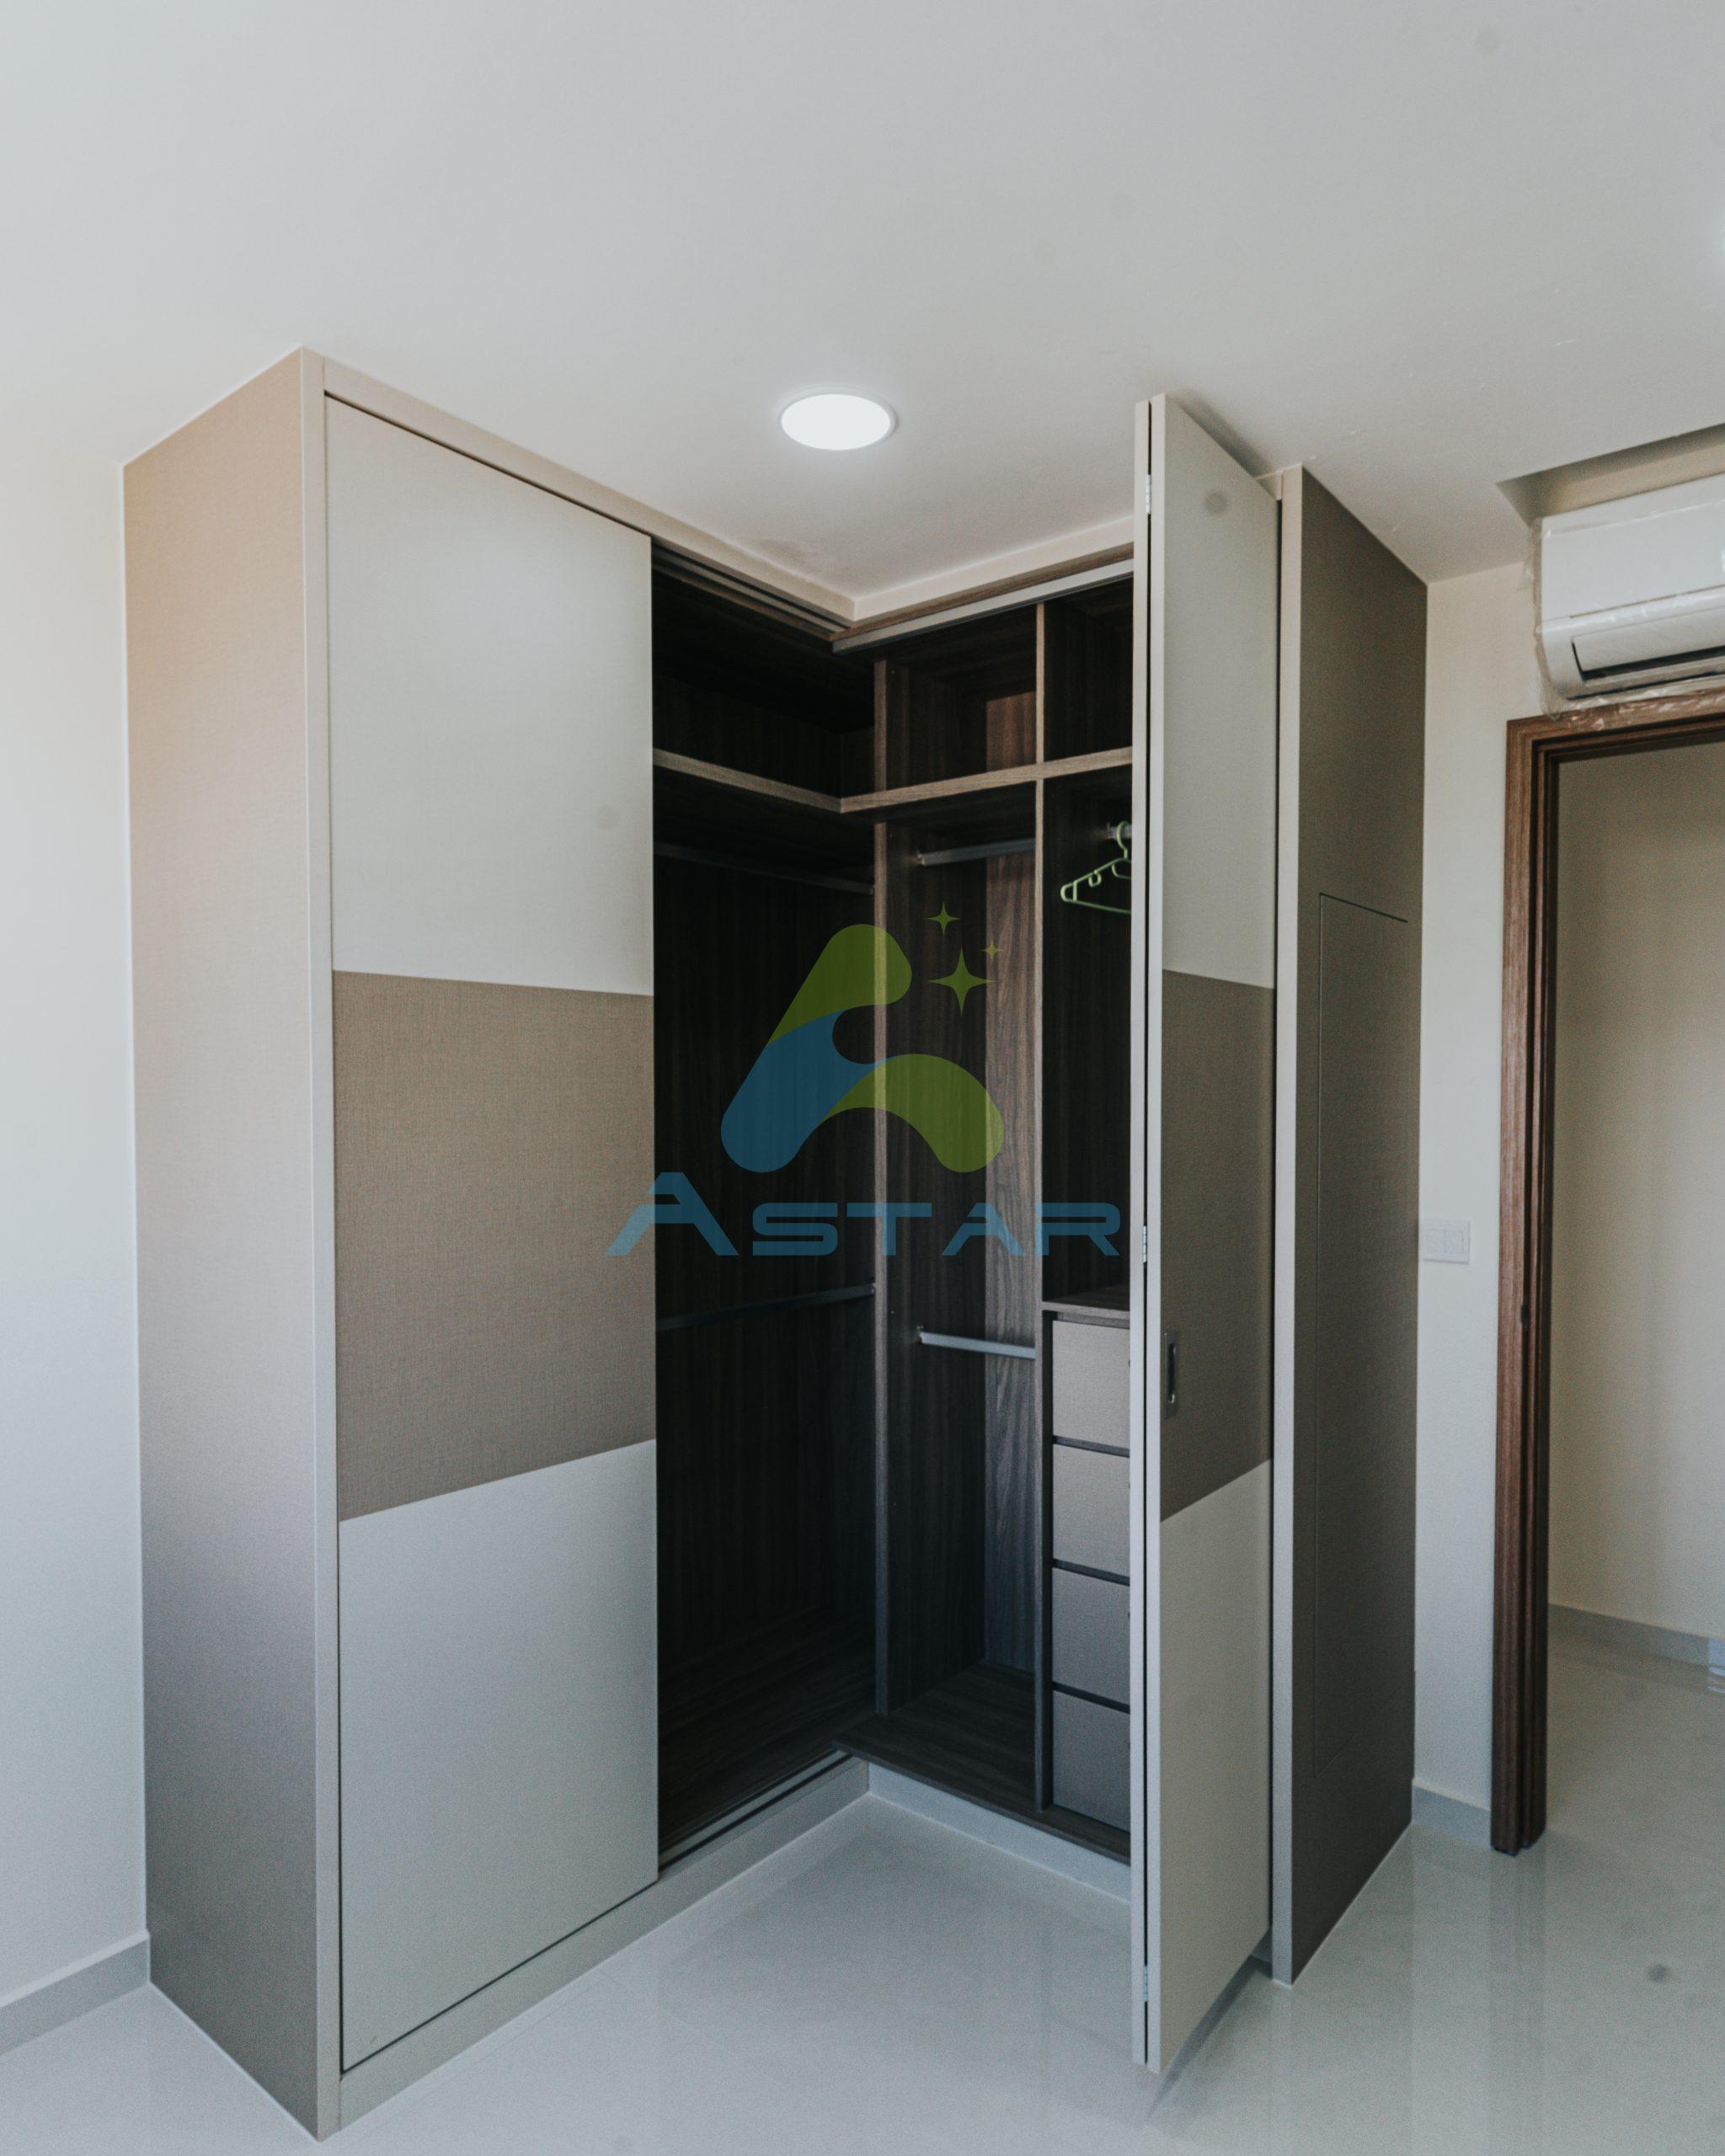 astar furnishing aluminum furniture projects Blk 478B Yishun St 44 22